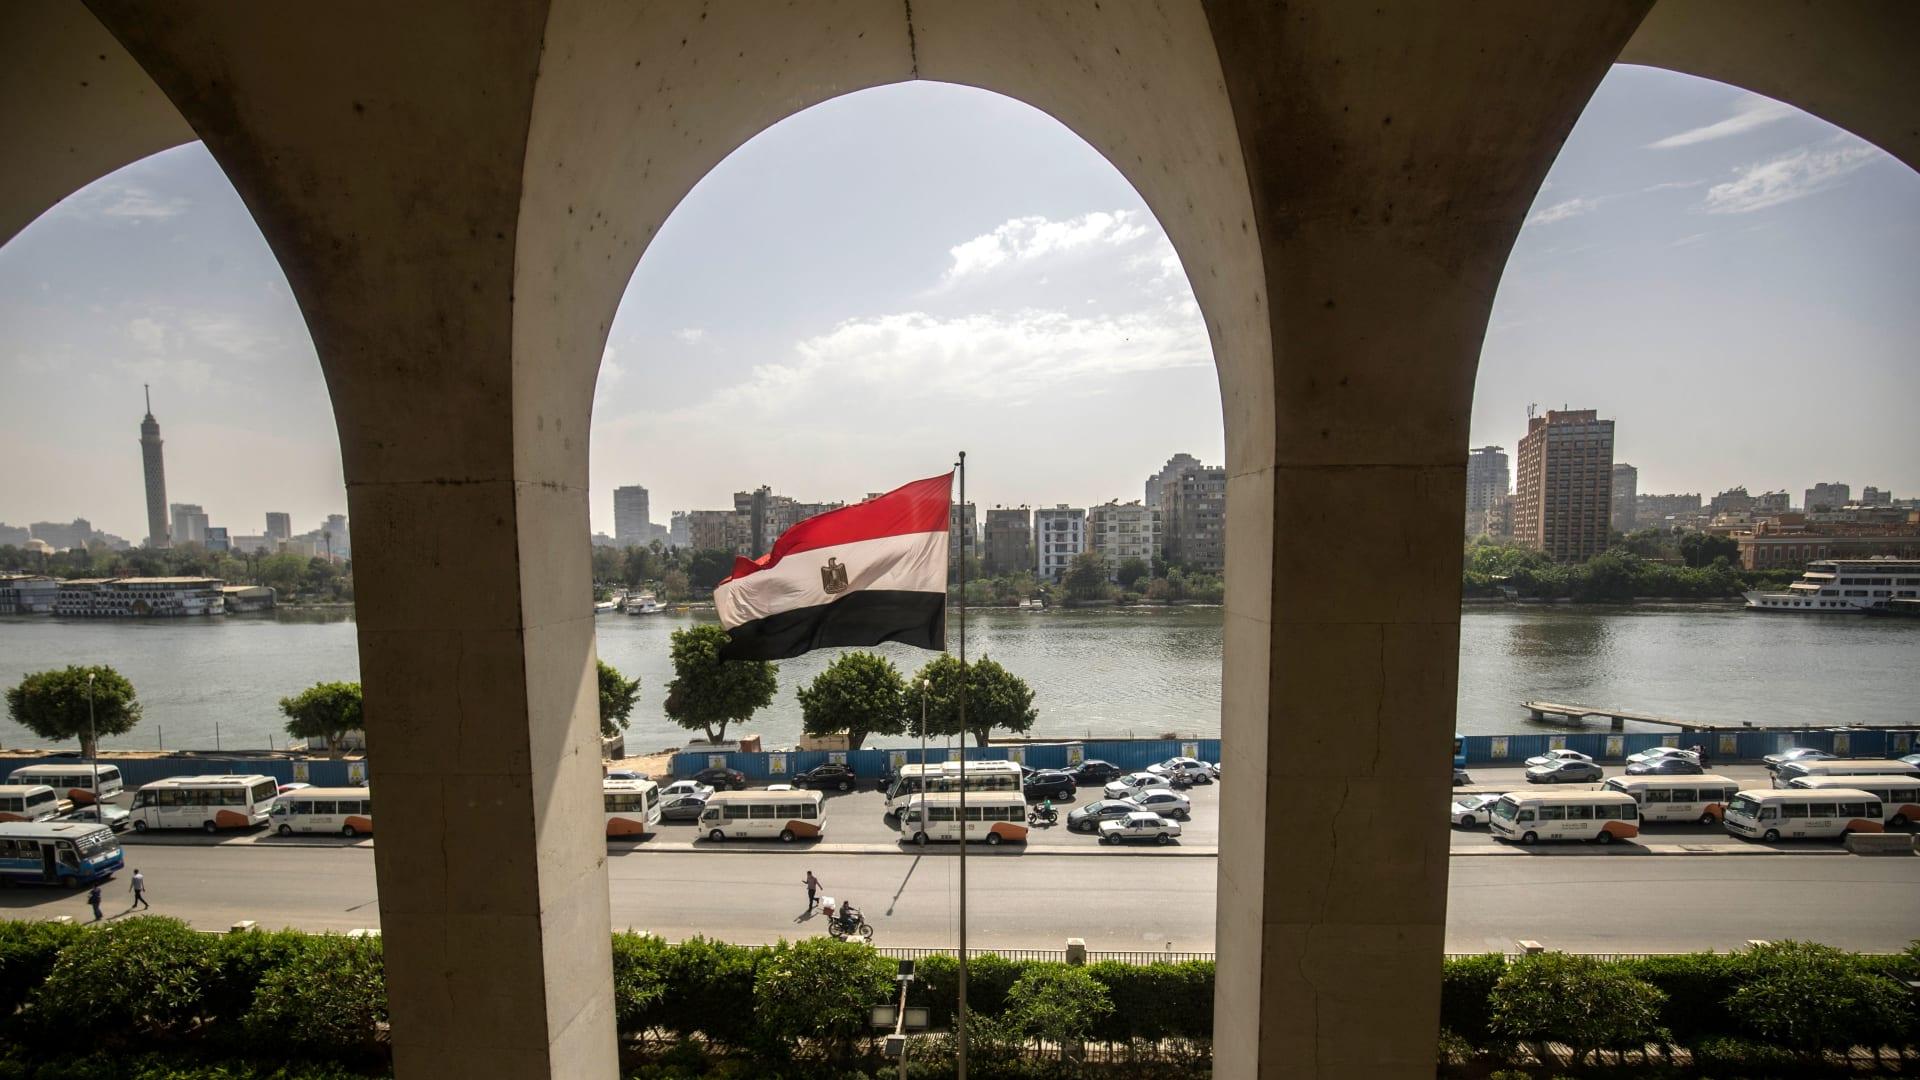 على مصر يرفرف في مبنى وزارة الخارجية المصرية المُطل على نهر النيل بالقاهرة